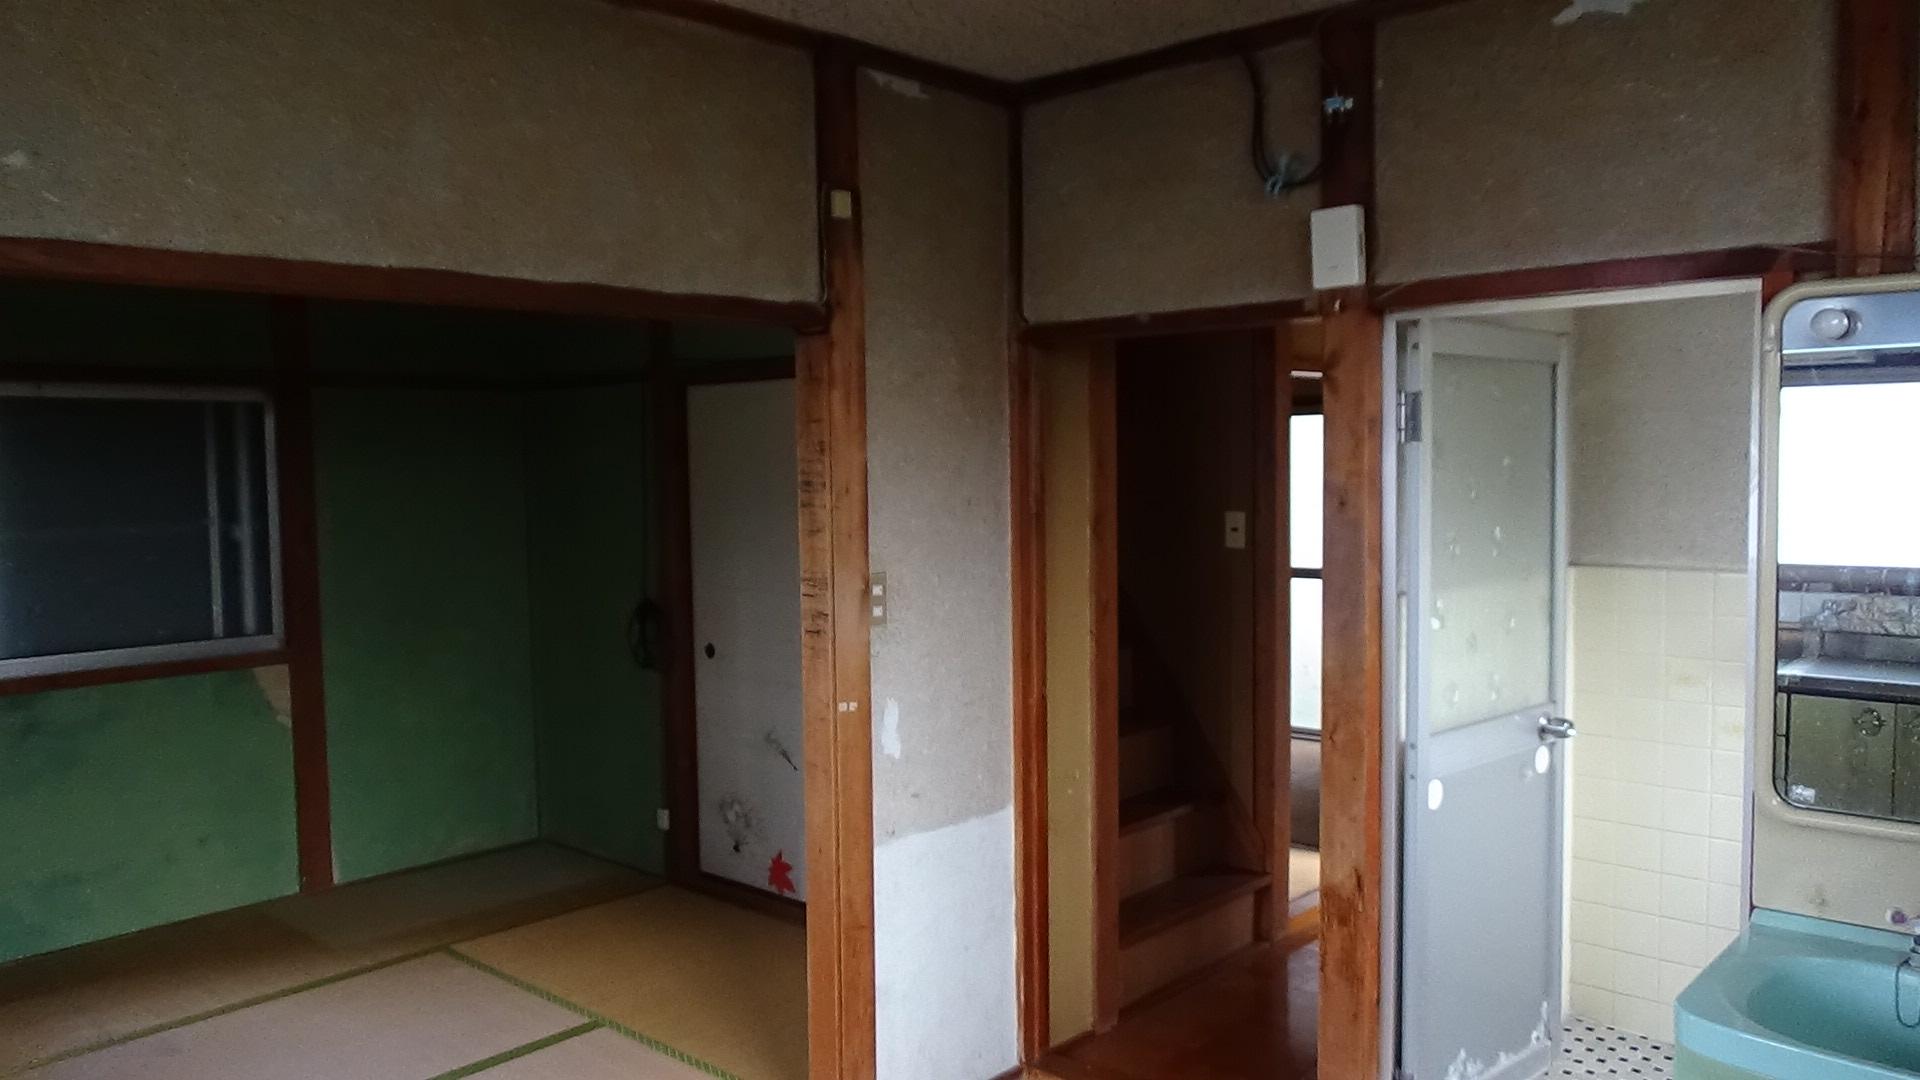 枚方市 フルリノベーション物件の施工後画像